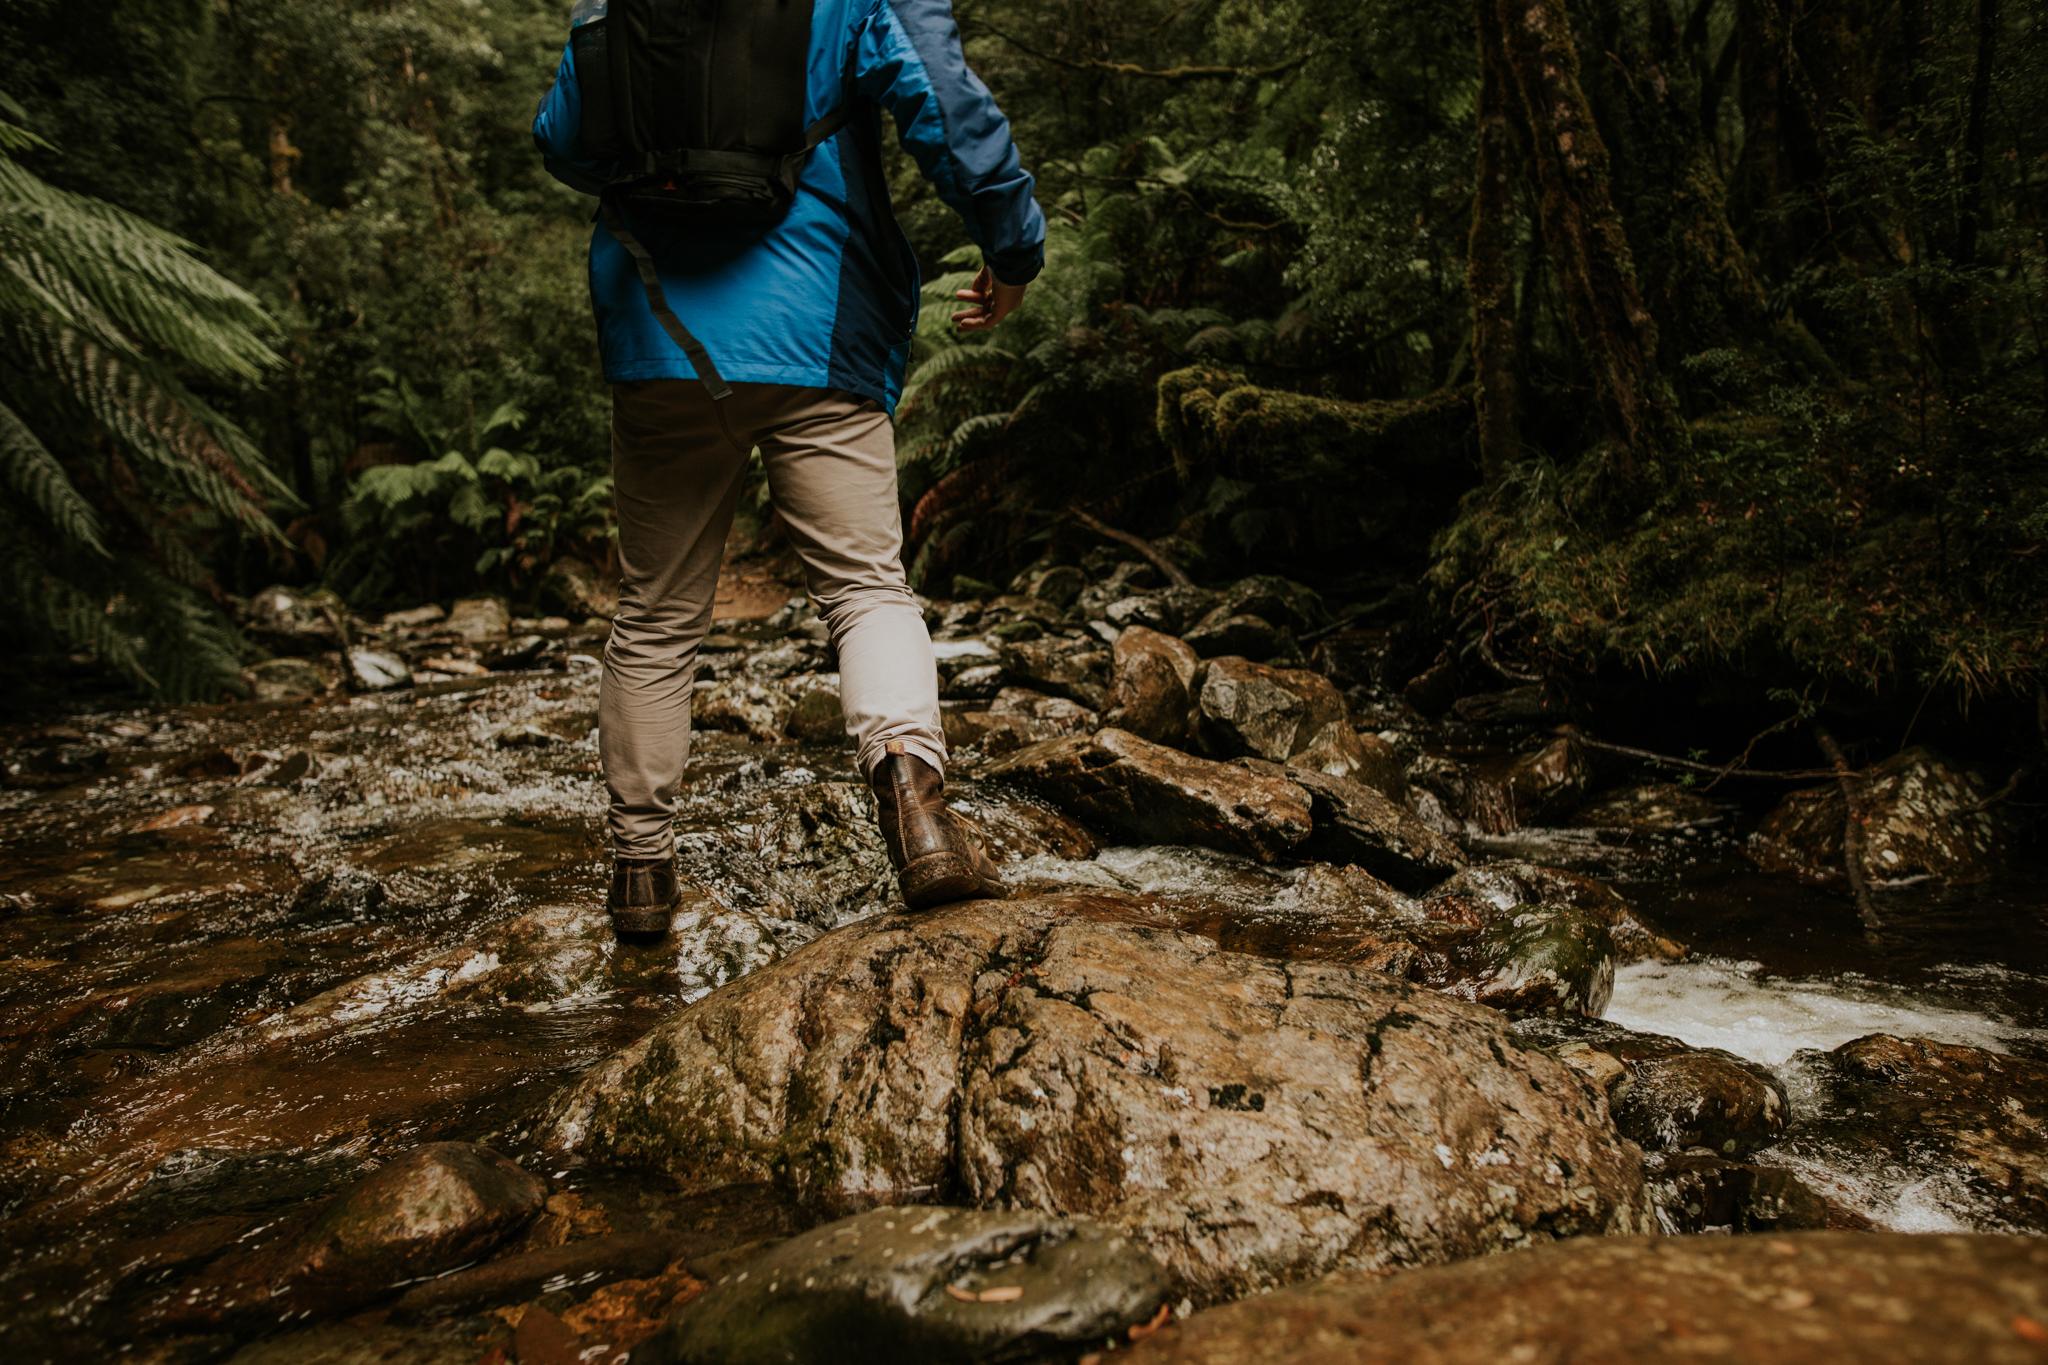 Tasmania, Australia - Destination Wedding Photographer - Vow of the Wild